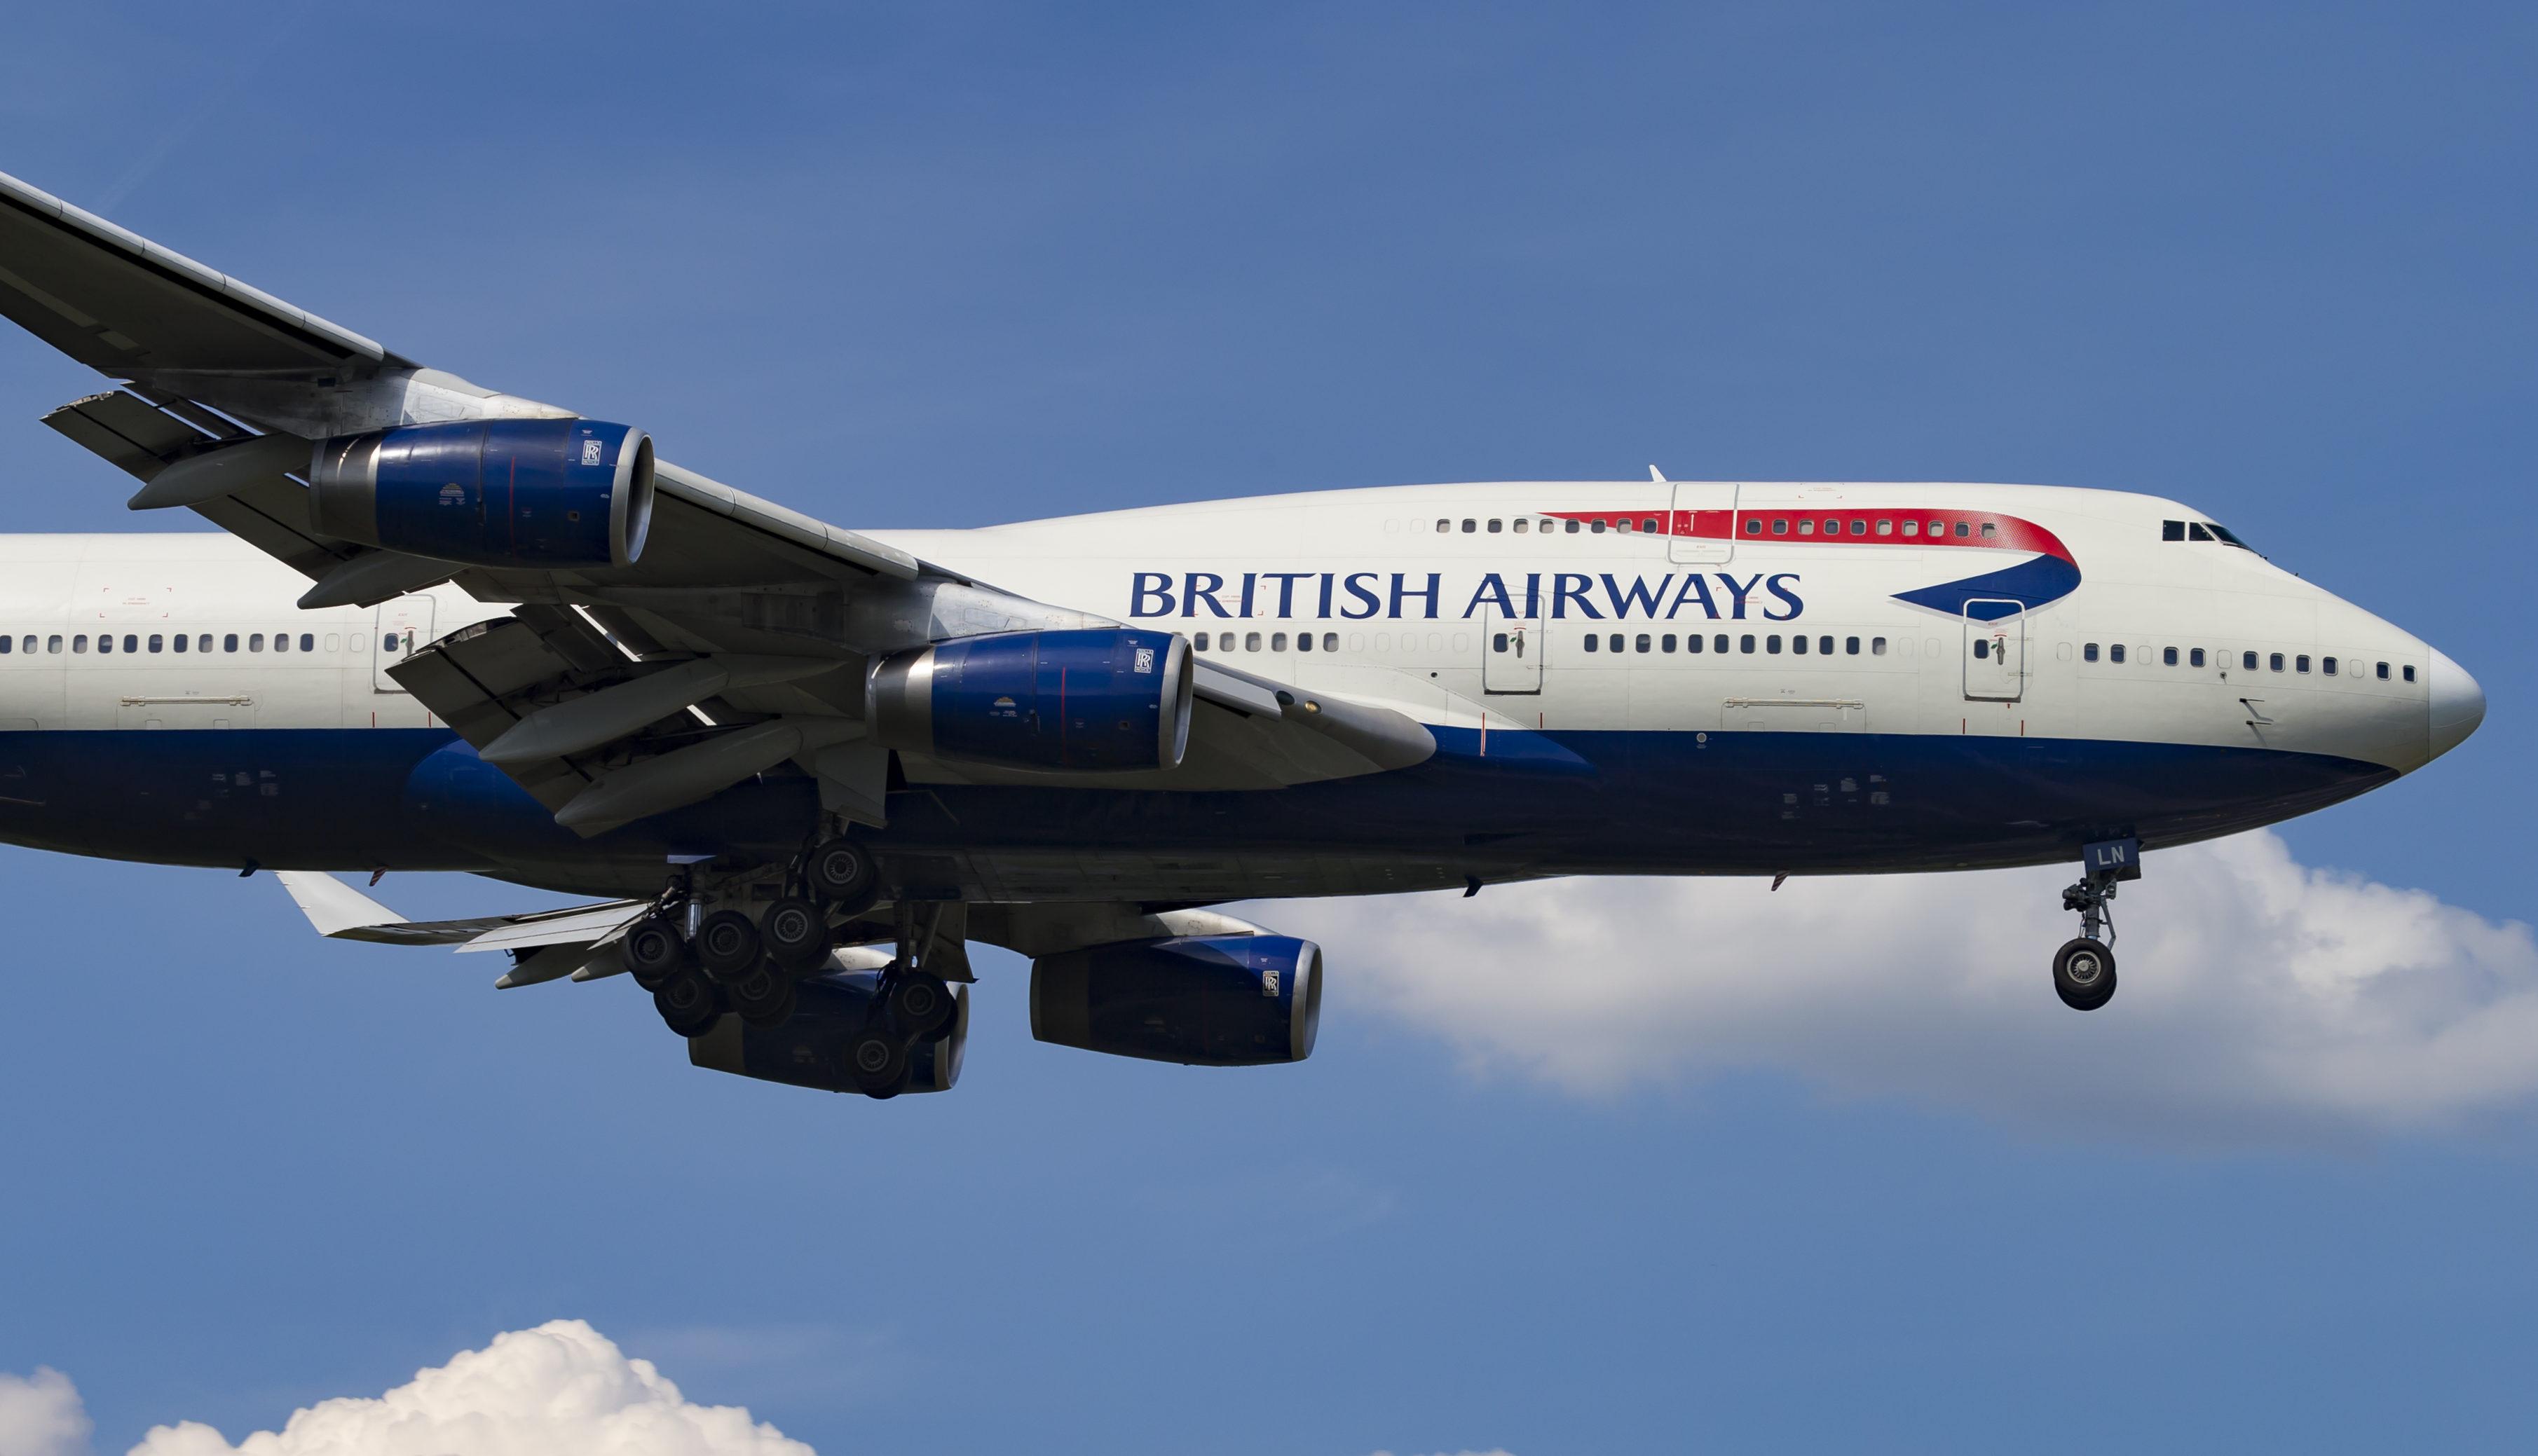 En Boeing 747-400 fra British Airways. Foto: © Thorbjørn Brunander Sund, Danish Aviation Photo